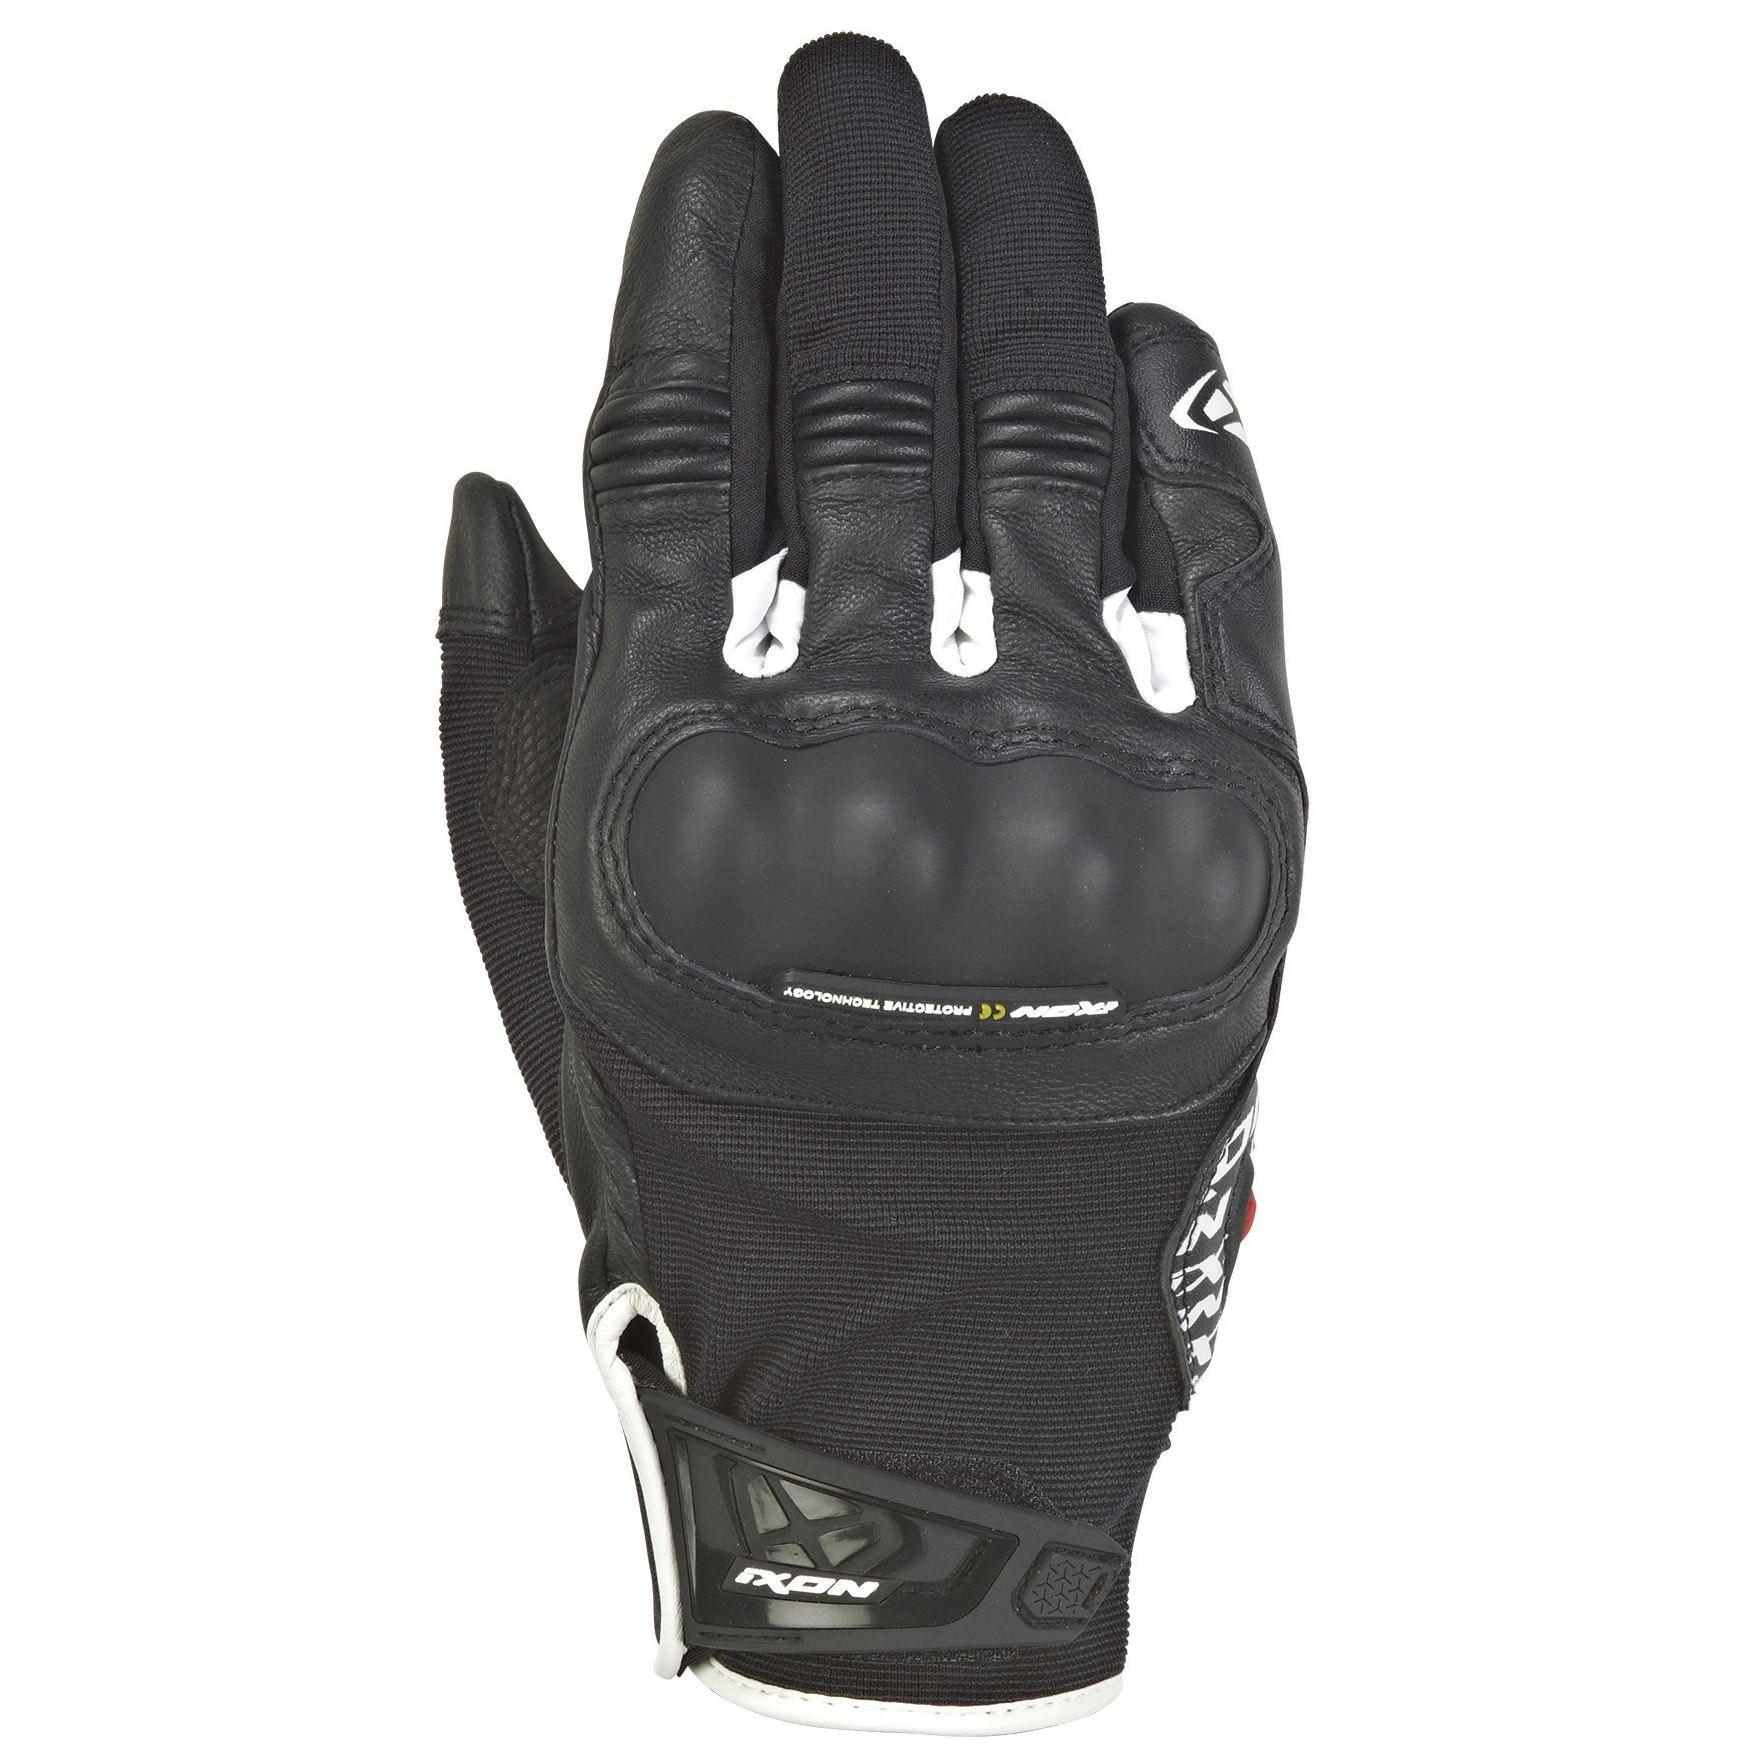 Paire de gants de moto IXON RS Grip 2 été